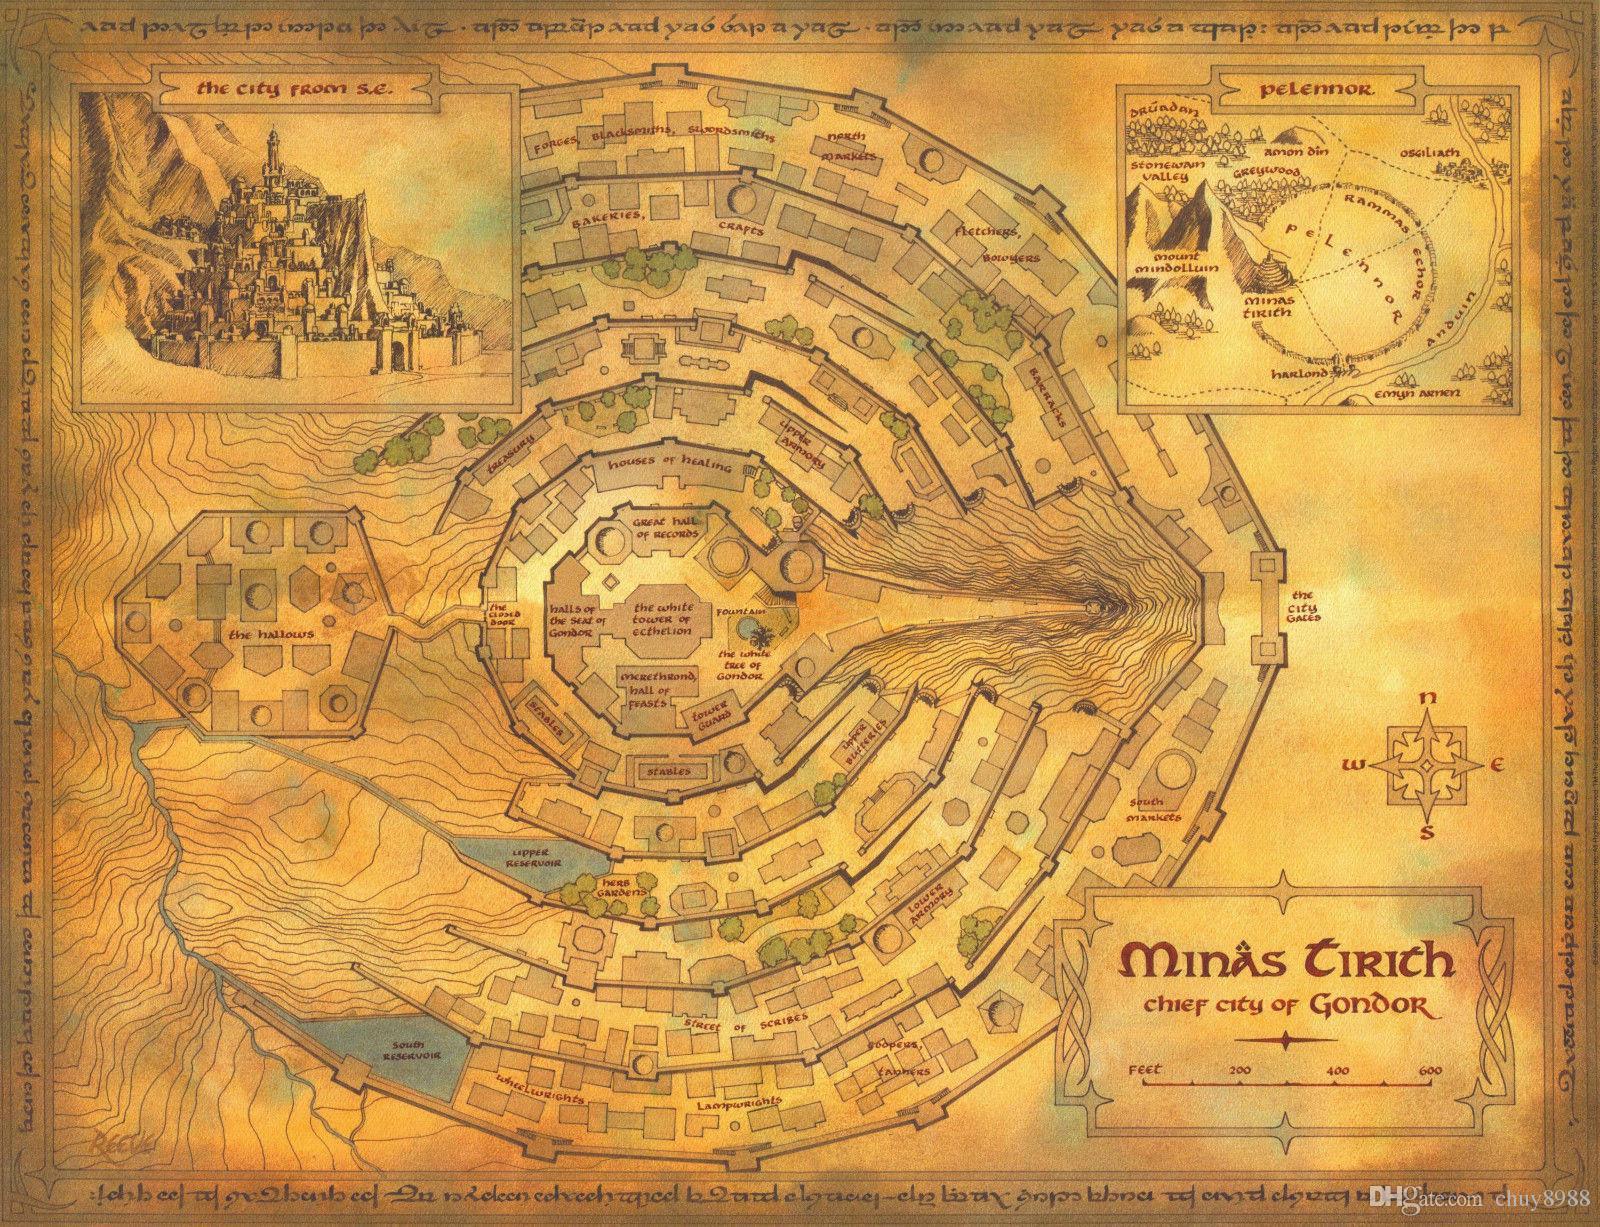 Mittelerde Karte Herr Der Ringe.Mittelerde Der Herr Der Ringe Karte Art Silk Print Poster 24x36inch 60x90cm